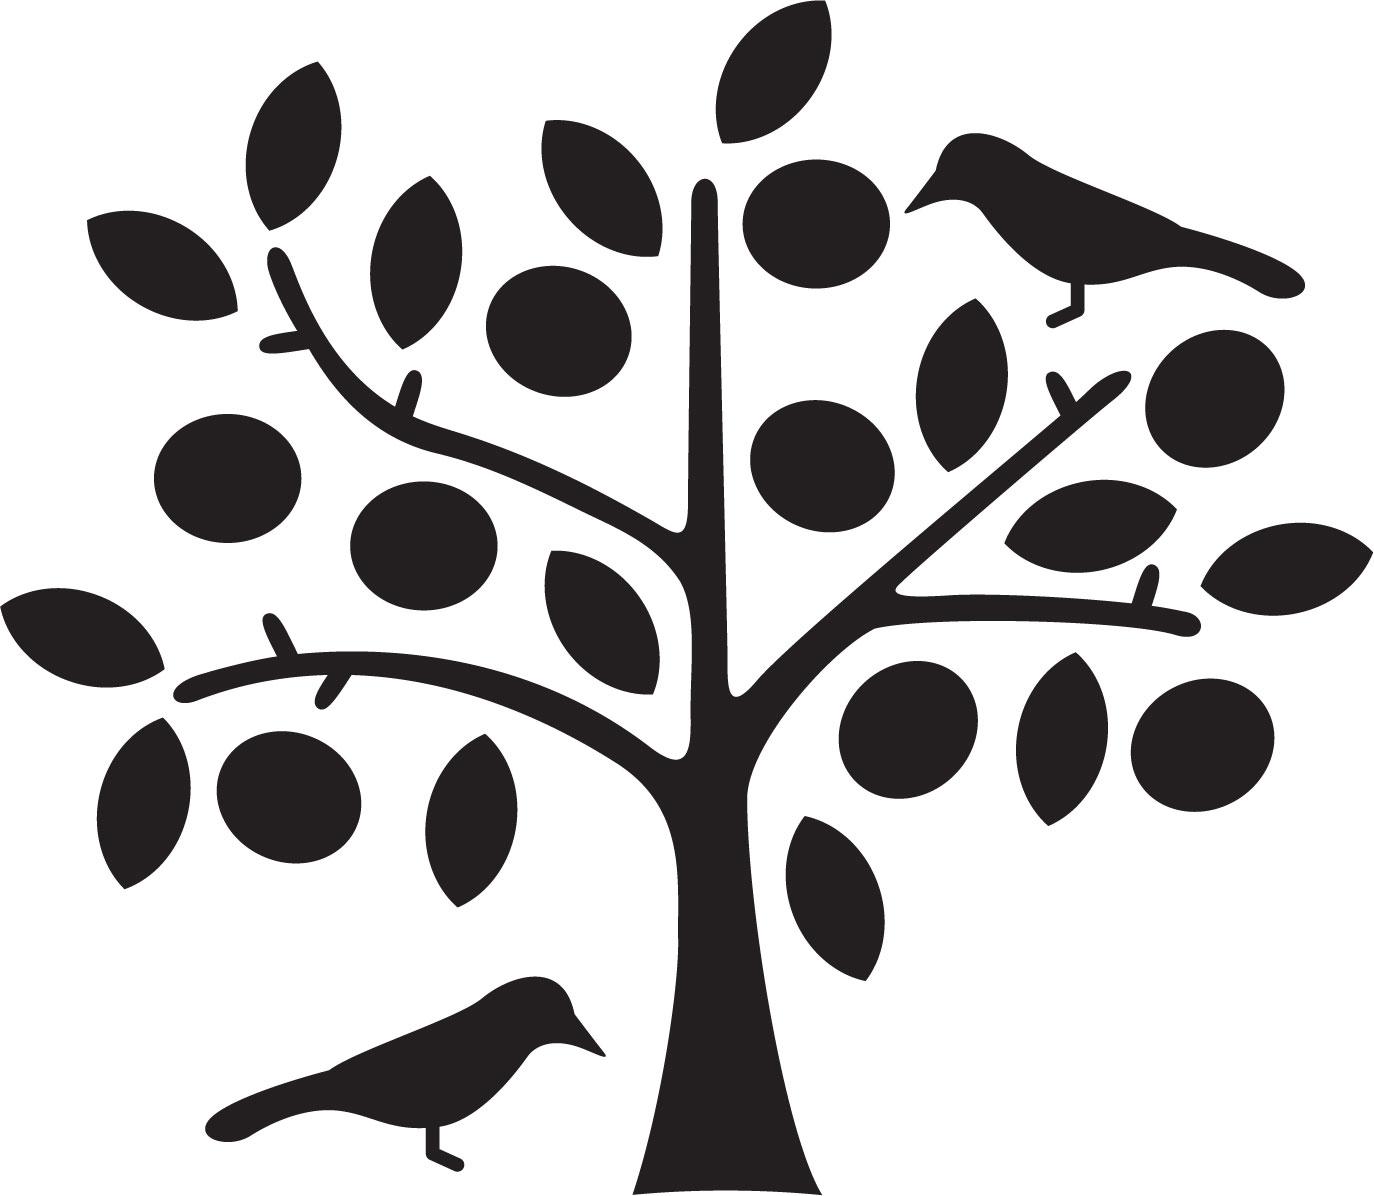 葉っぱや草木のイラスト画像フリー素材白黒no417白黒樹木と鳥